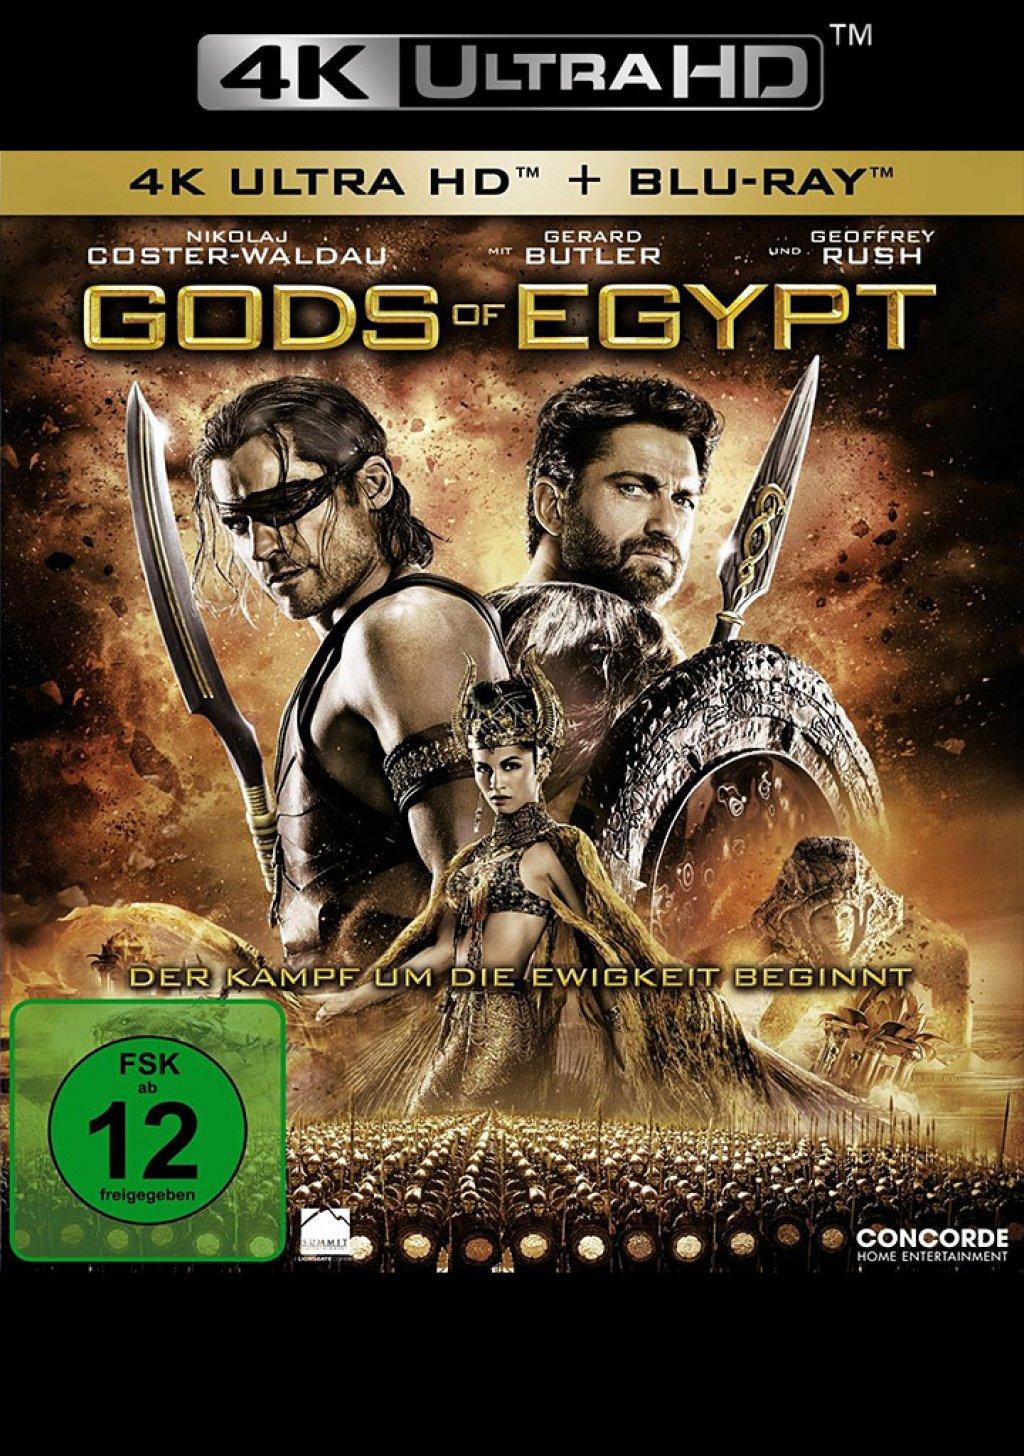 Gods of Egypt - 4K Ultra HD Blu-ray + Blu-ray (Ultra HD Blu-ray)